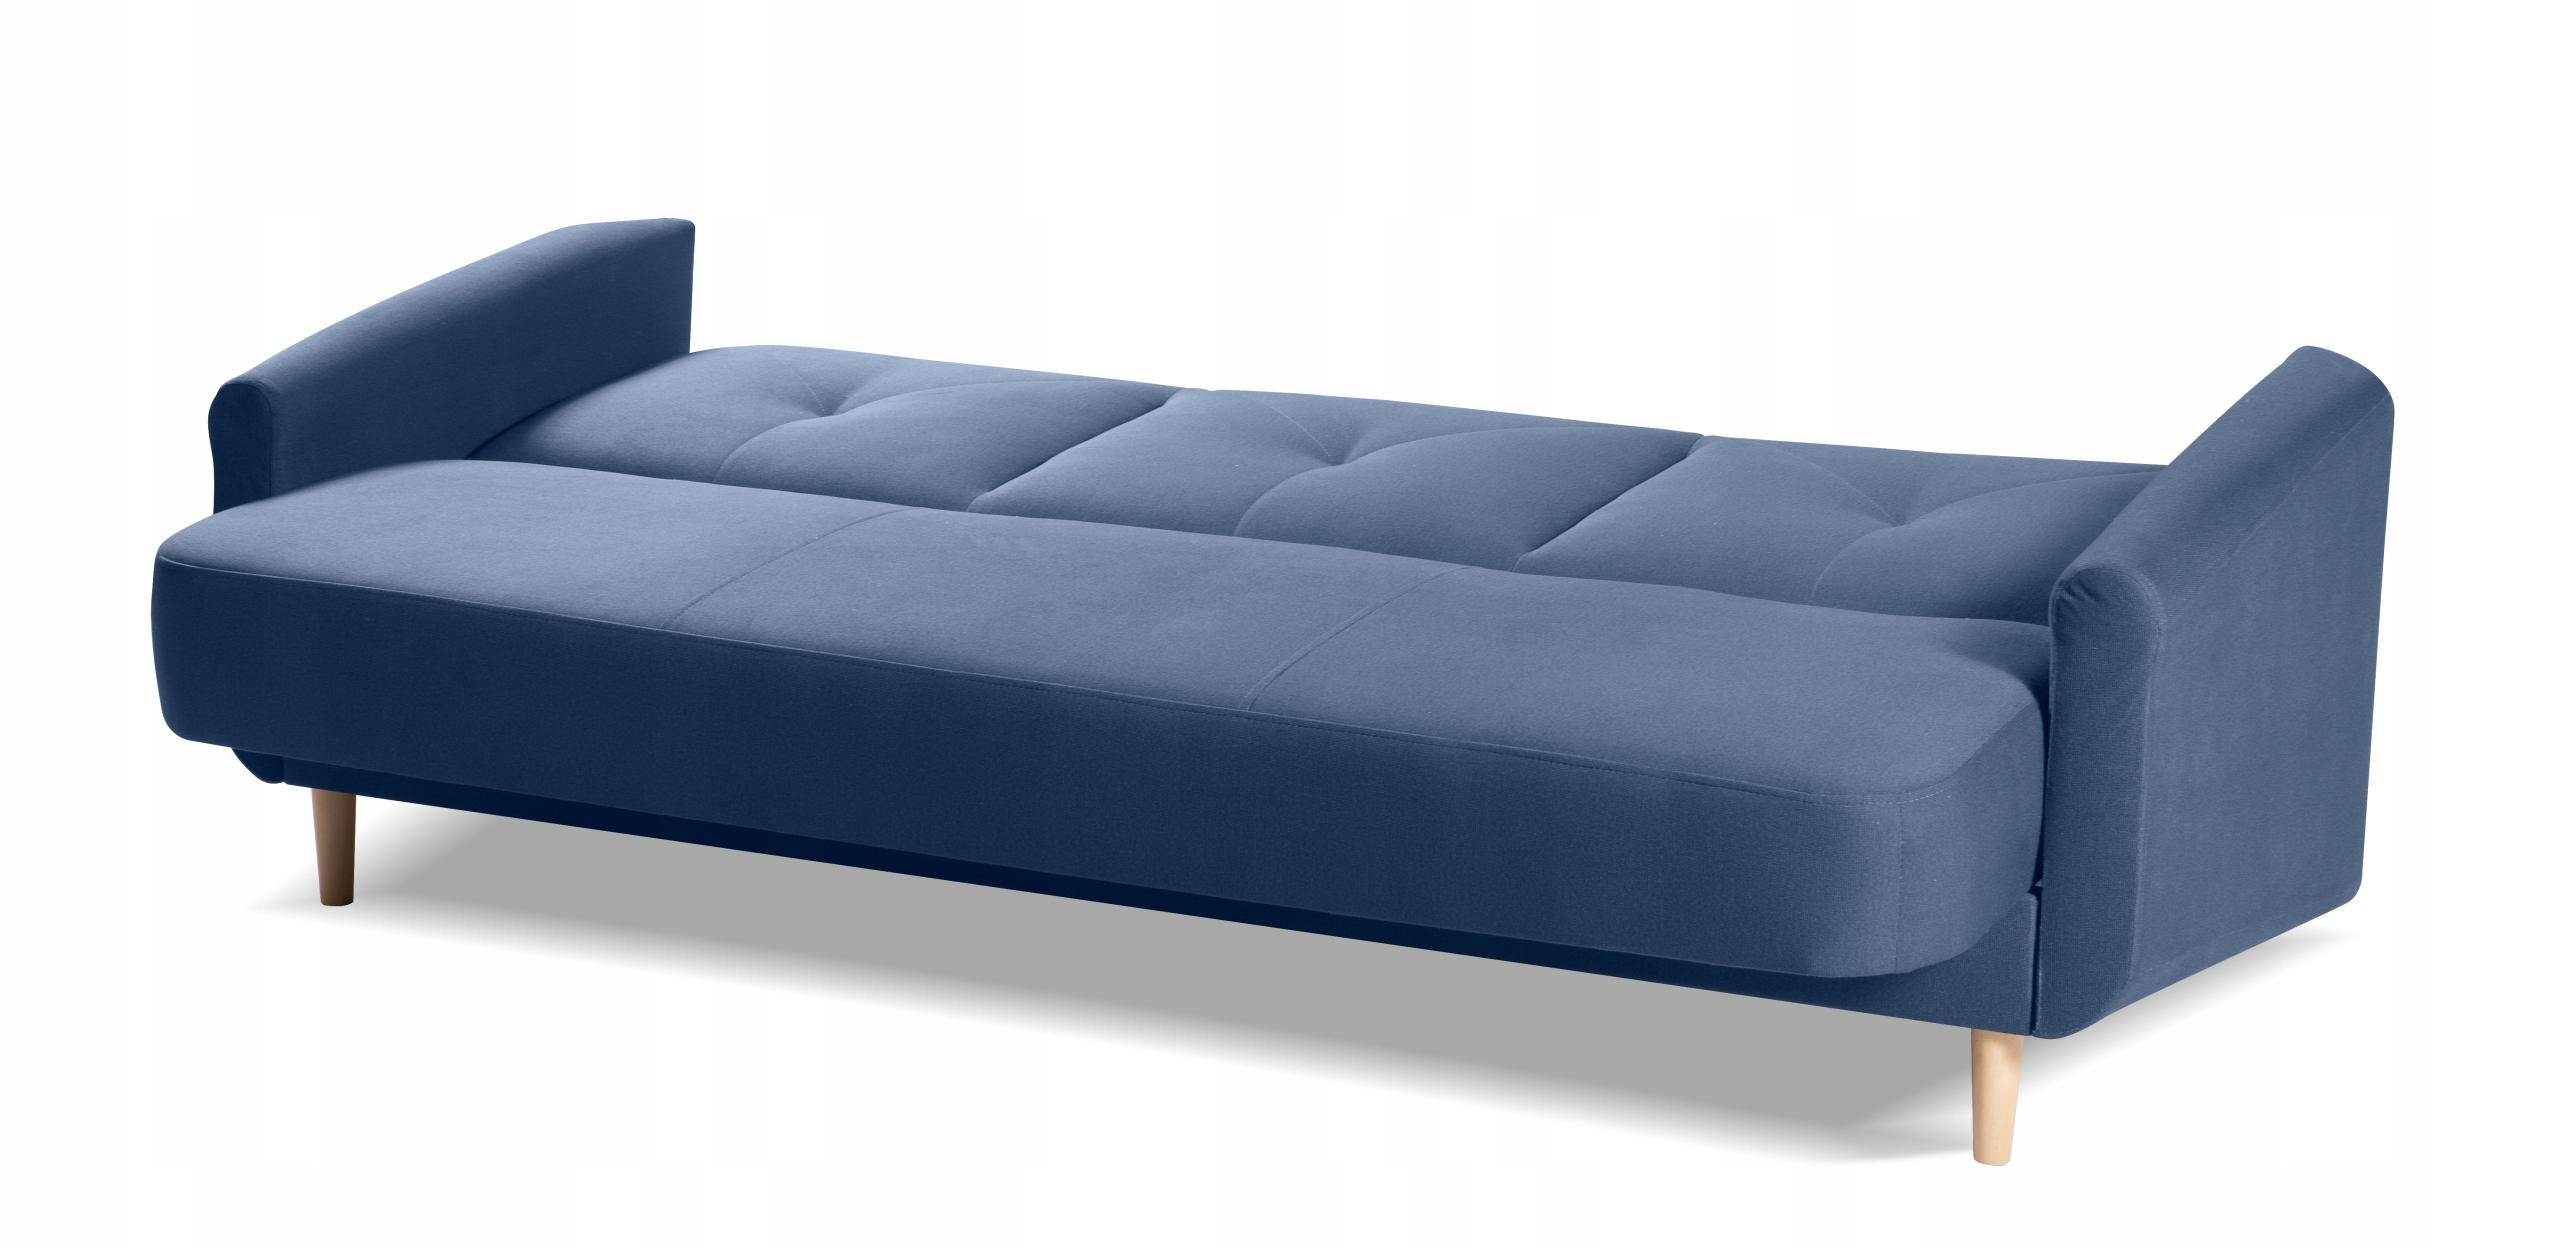 Bequemes Sofa DIXI f. Schlaf - Farben - Holz Marke Ein weiterer Hersteller